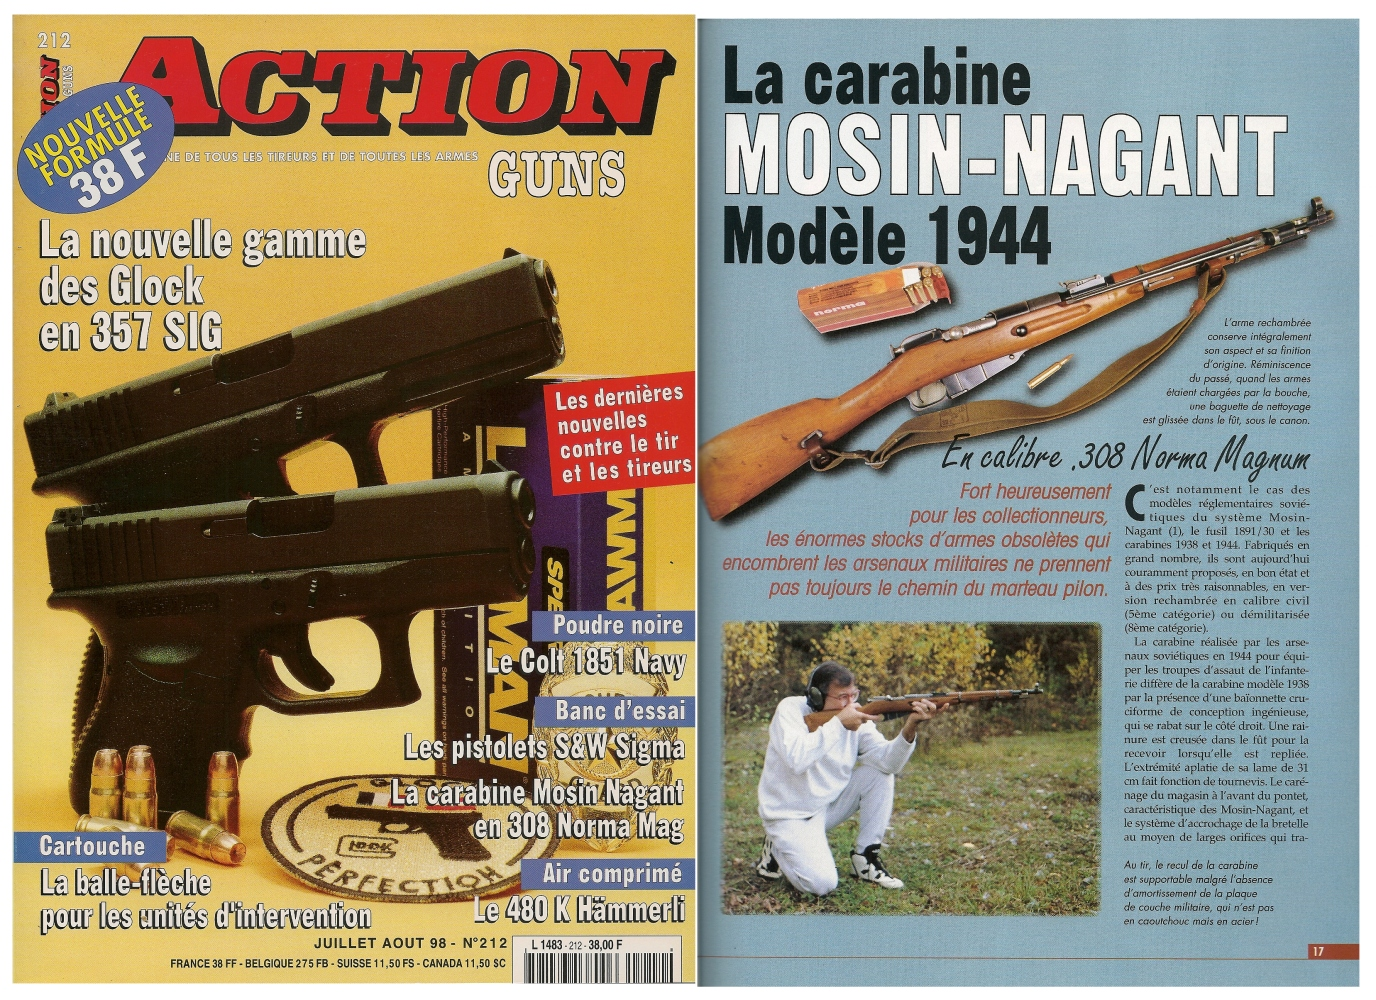 Le banc d'essai de la carabine Mosin-Nagant modèle 1944 a été publié sur 4 pages dans le magazine Action Guns n°212 (juillet-août 1998).